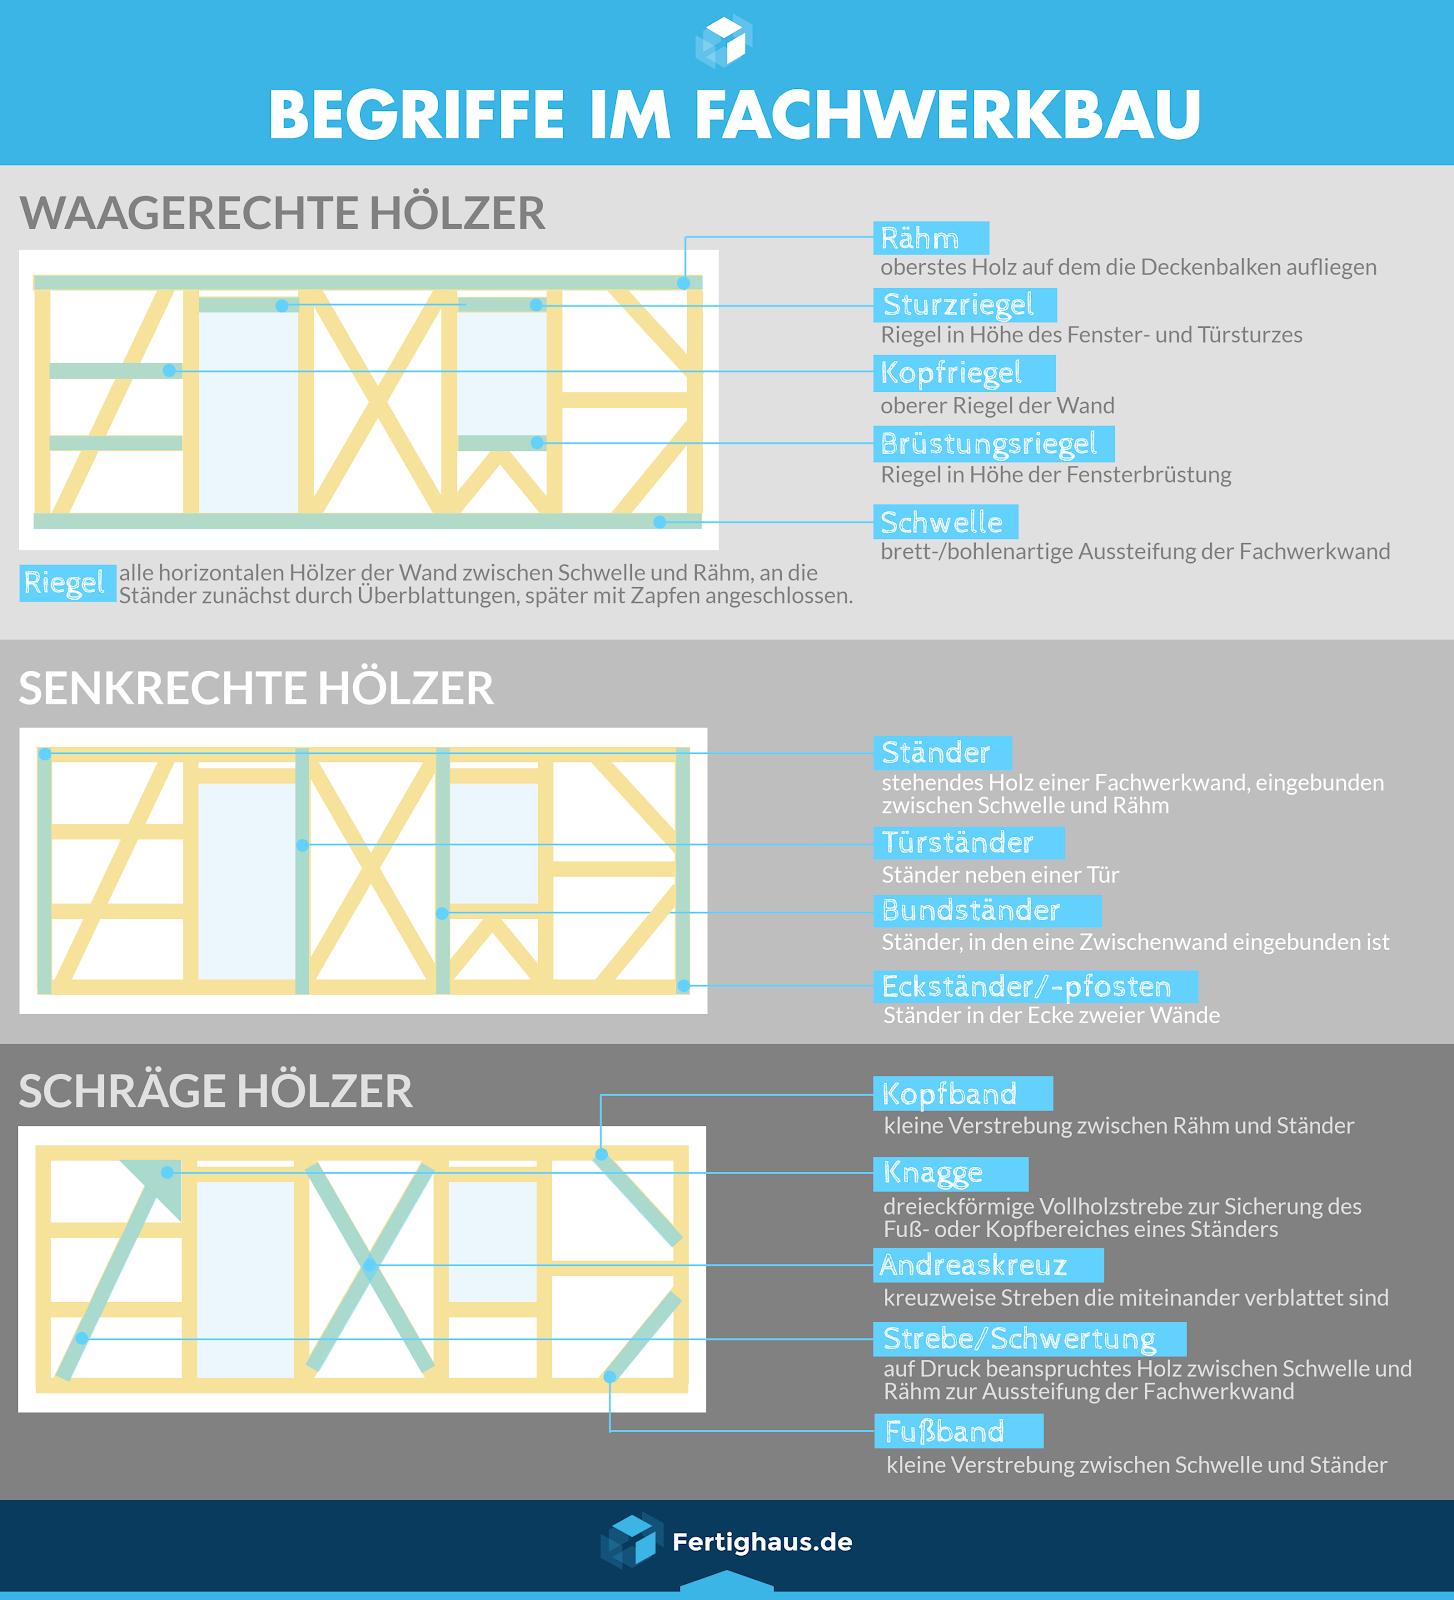 Fachwerkhaus-Bezeichnungen.png